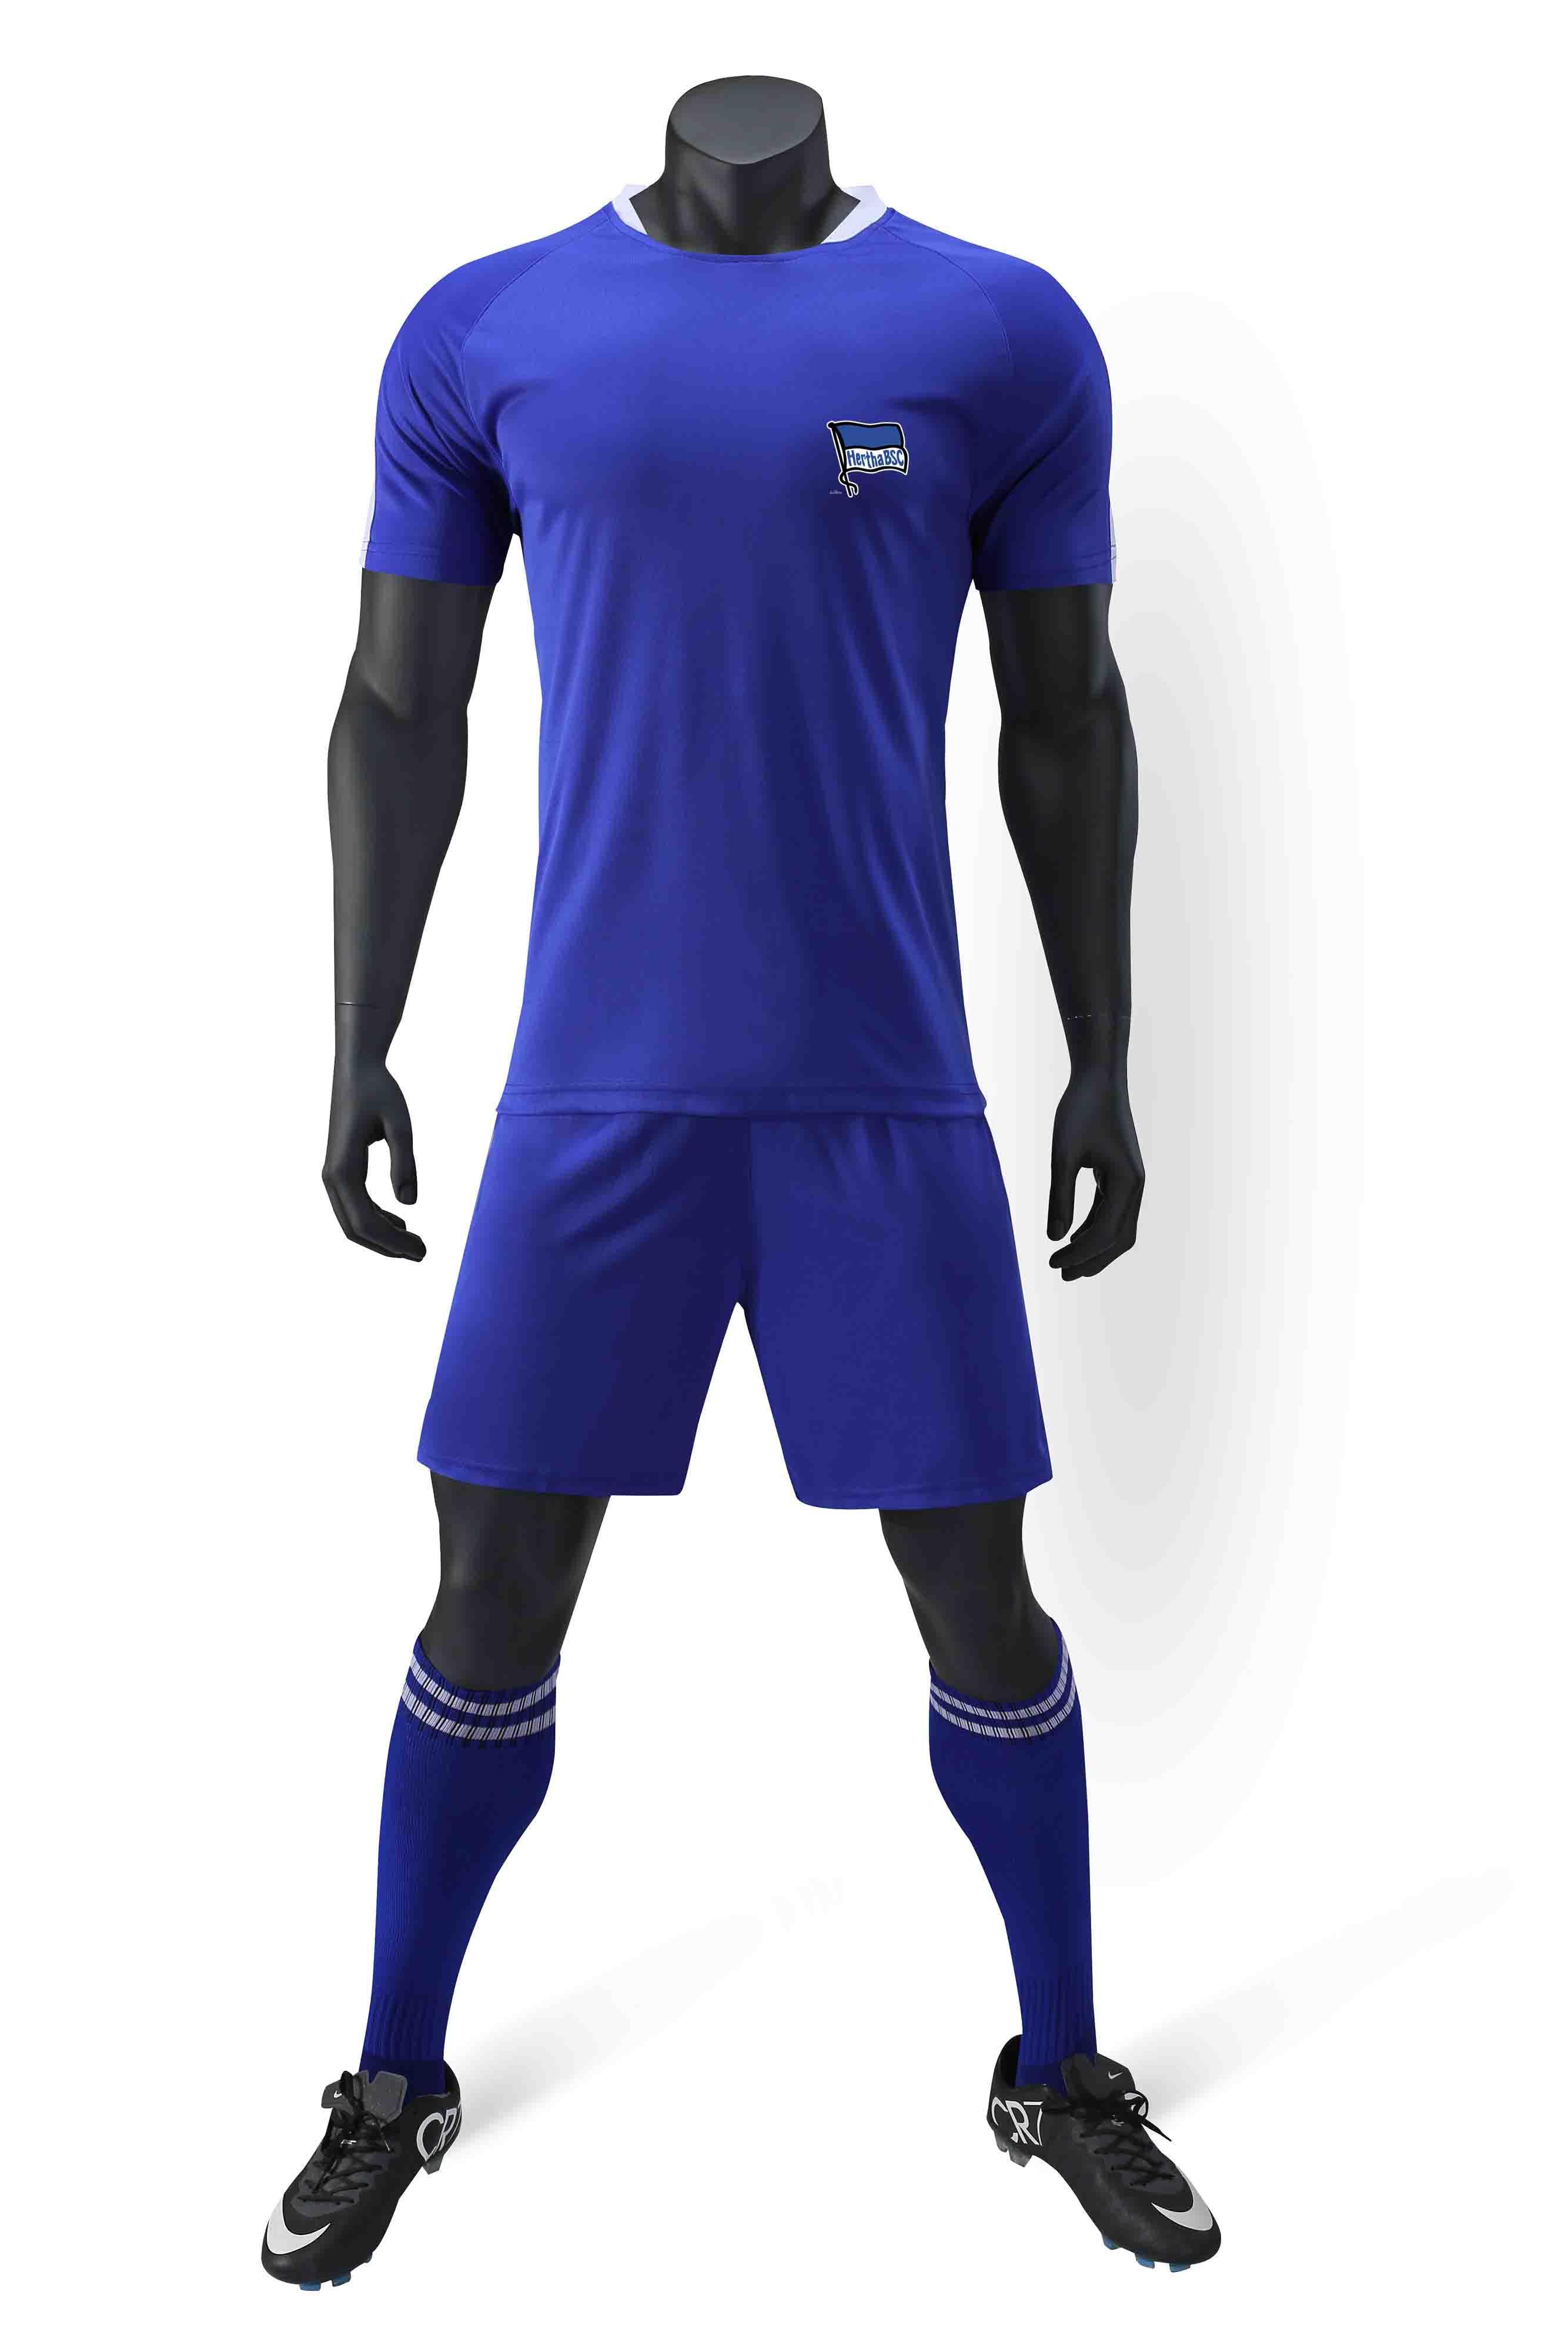 Герта 100% полиэстер спорта новый шаблон случайные футболки футбол костюм обучение модные мужские футбольные костюмы